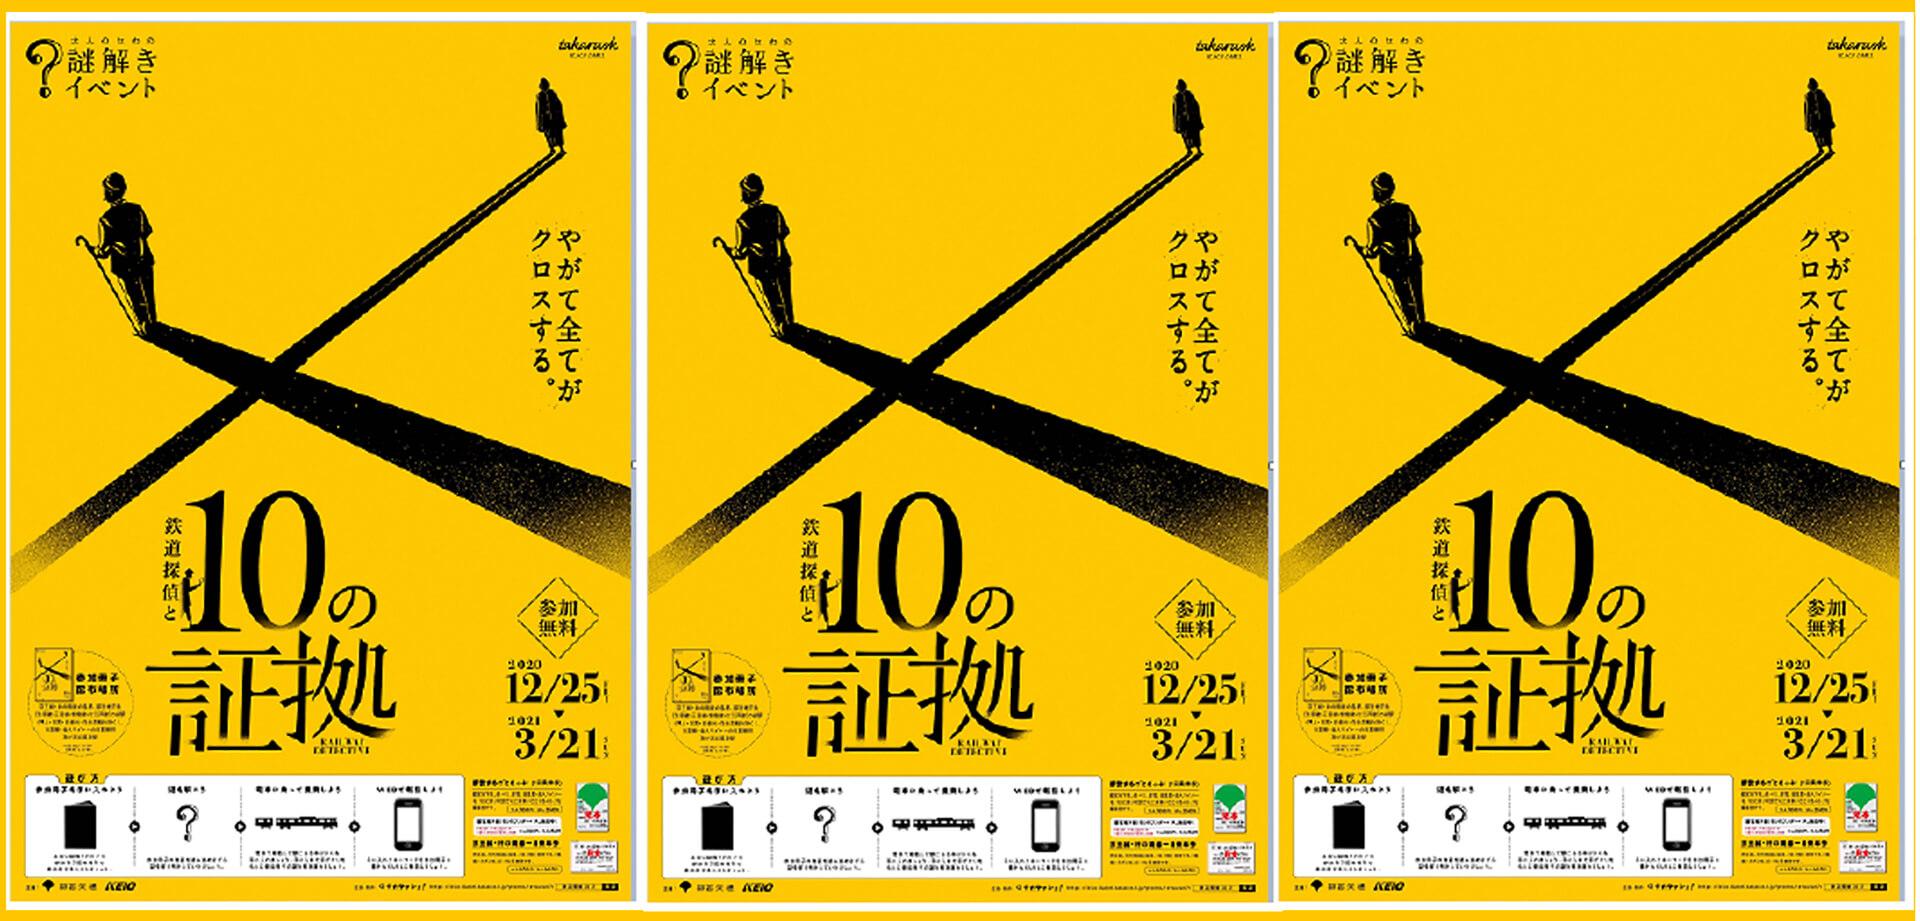 京王電鉄『鉄道探偵と10の証拠』